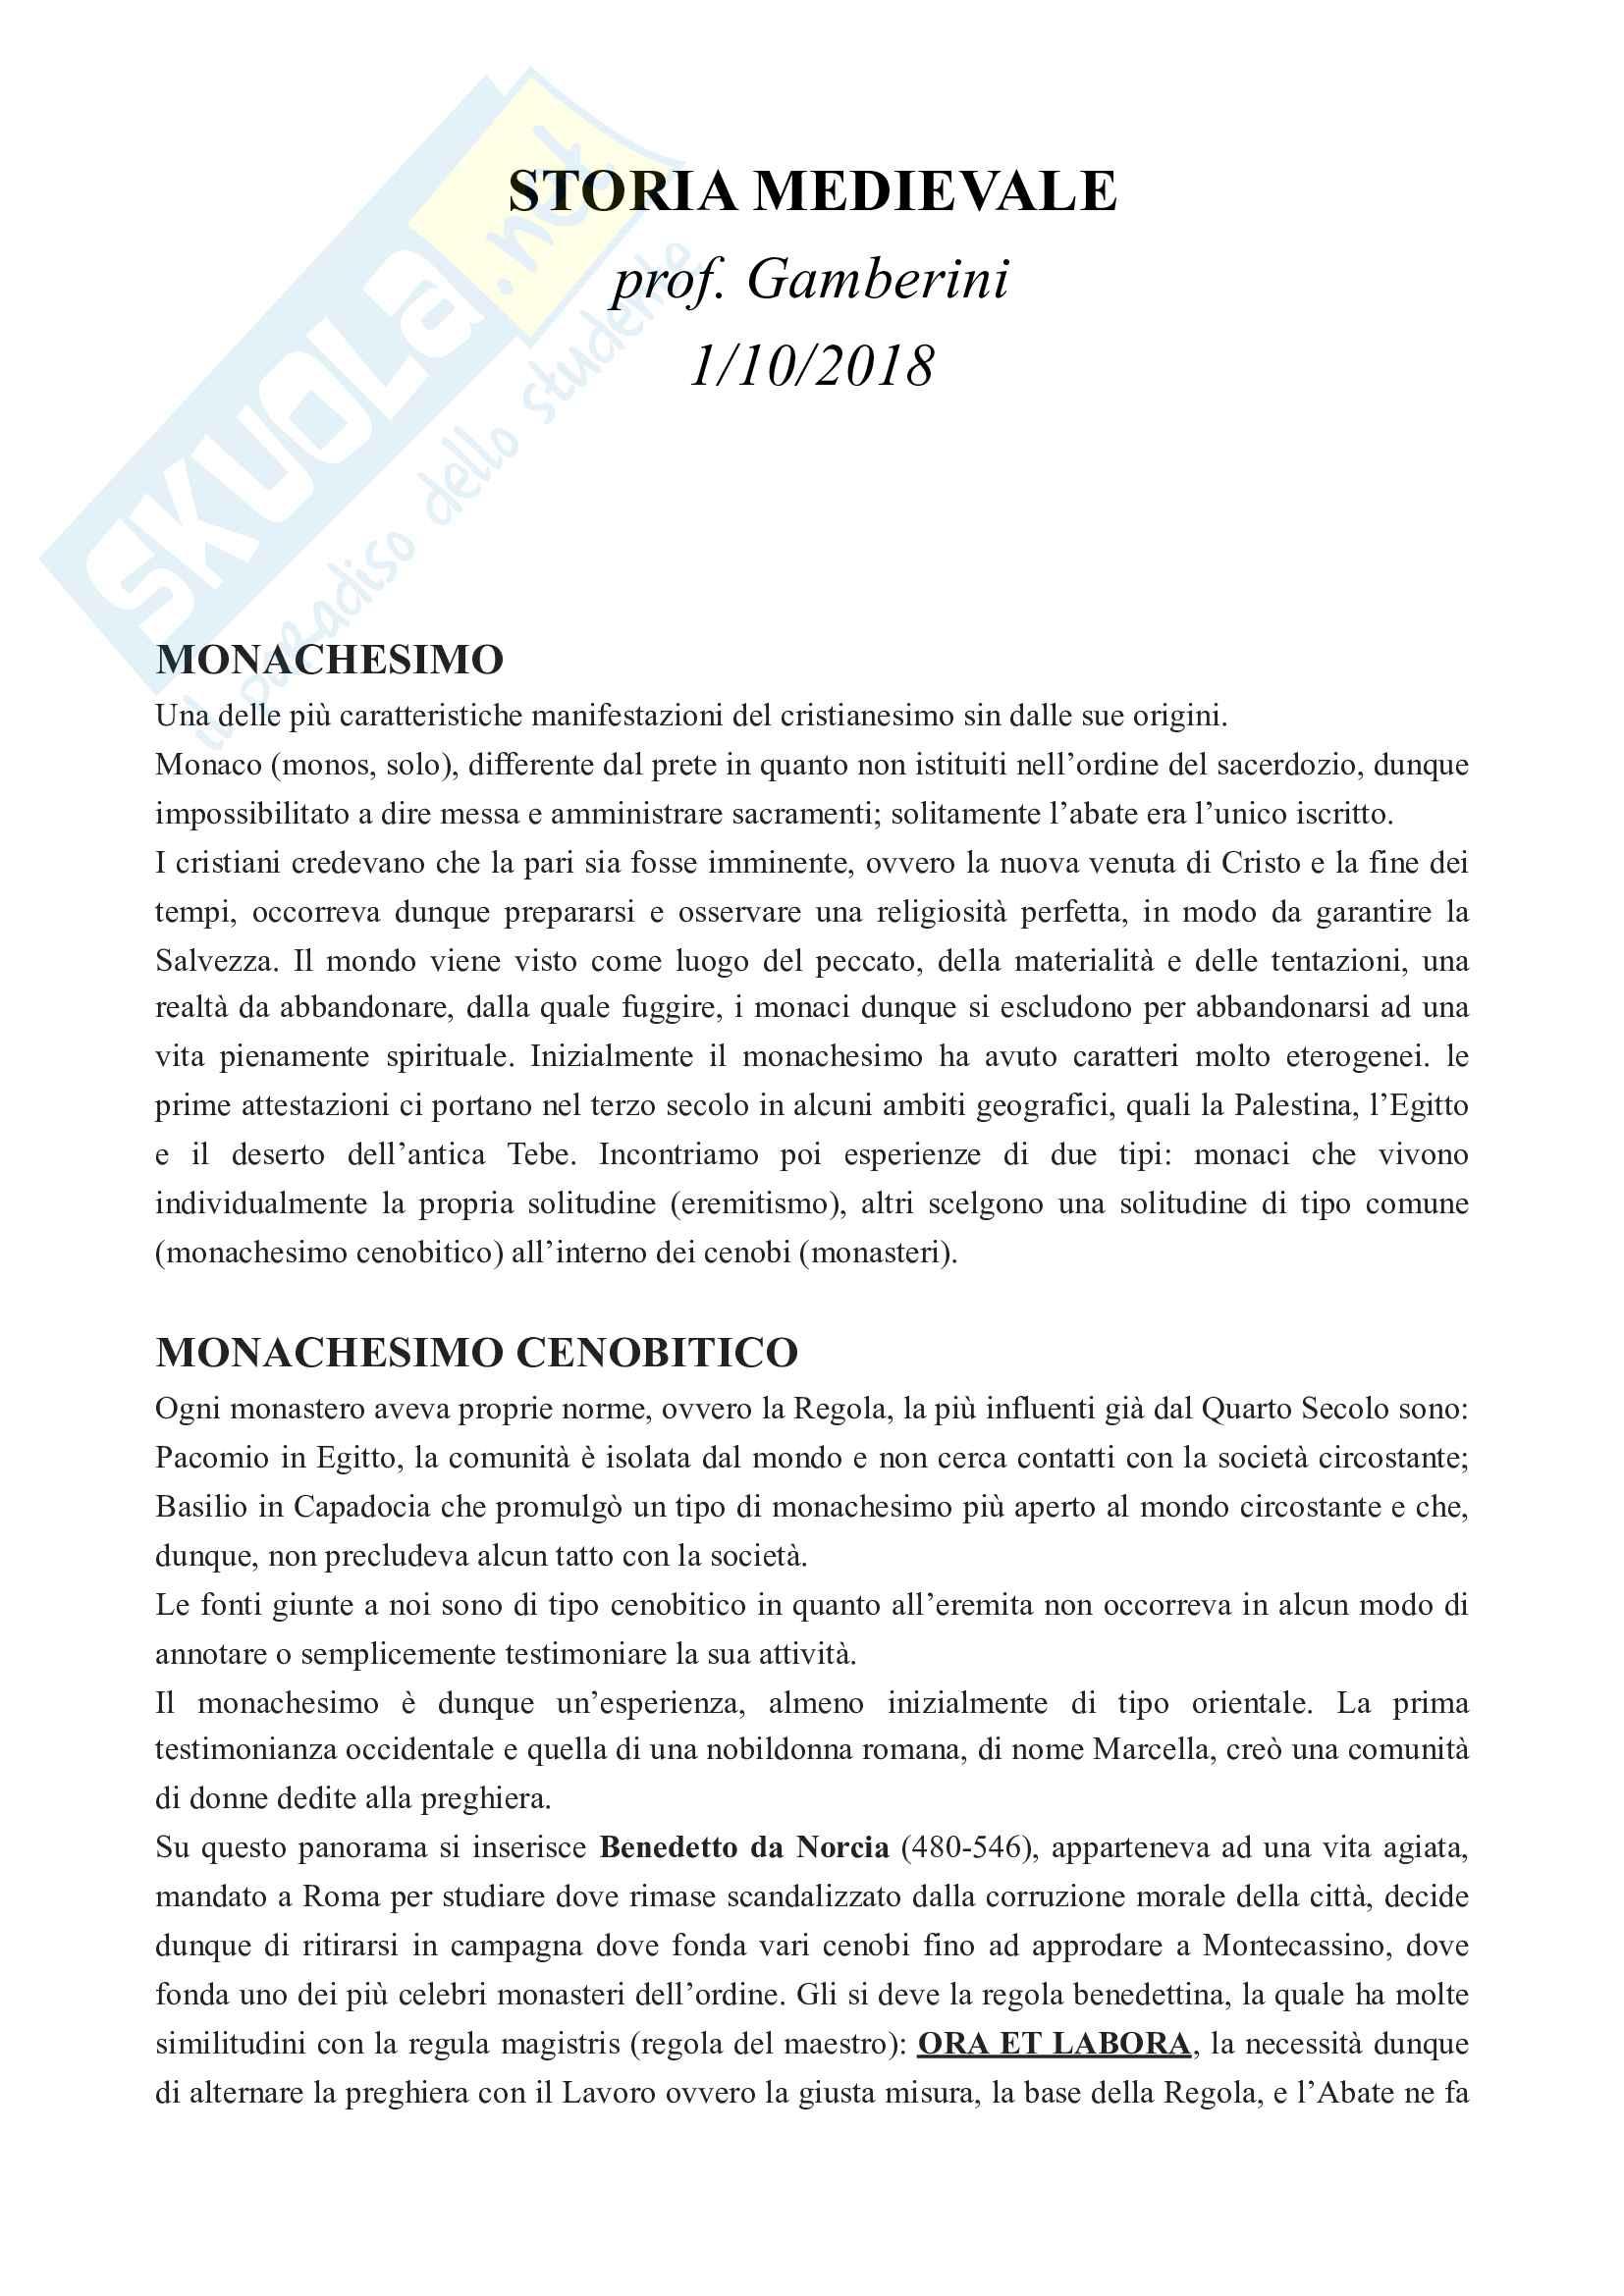 """Appunti Storia Medievale: """"Monachesimo"""""""